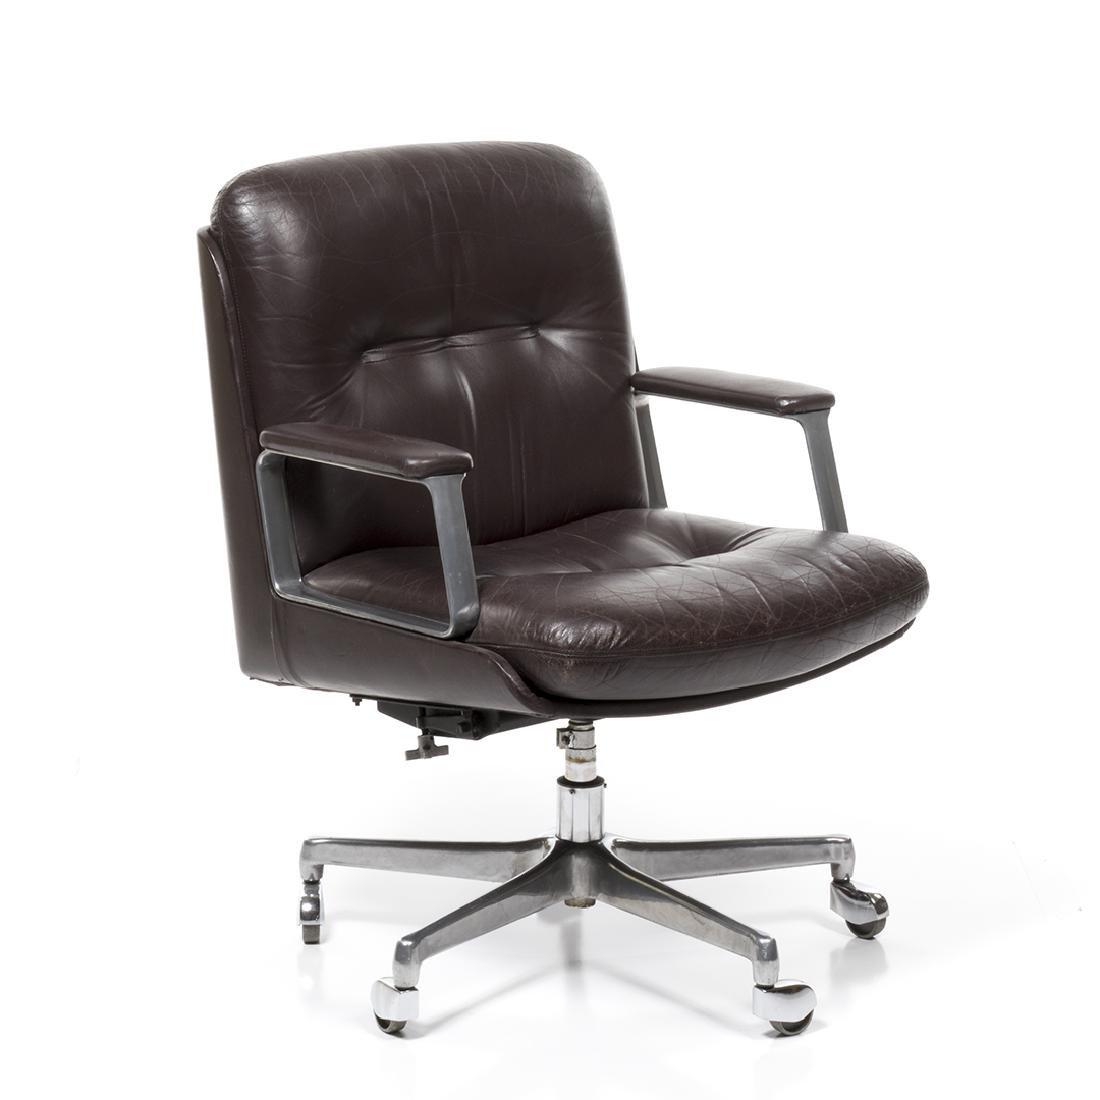 Osvaldo Borsani Desk Chair - 2